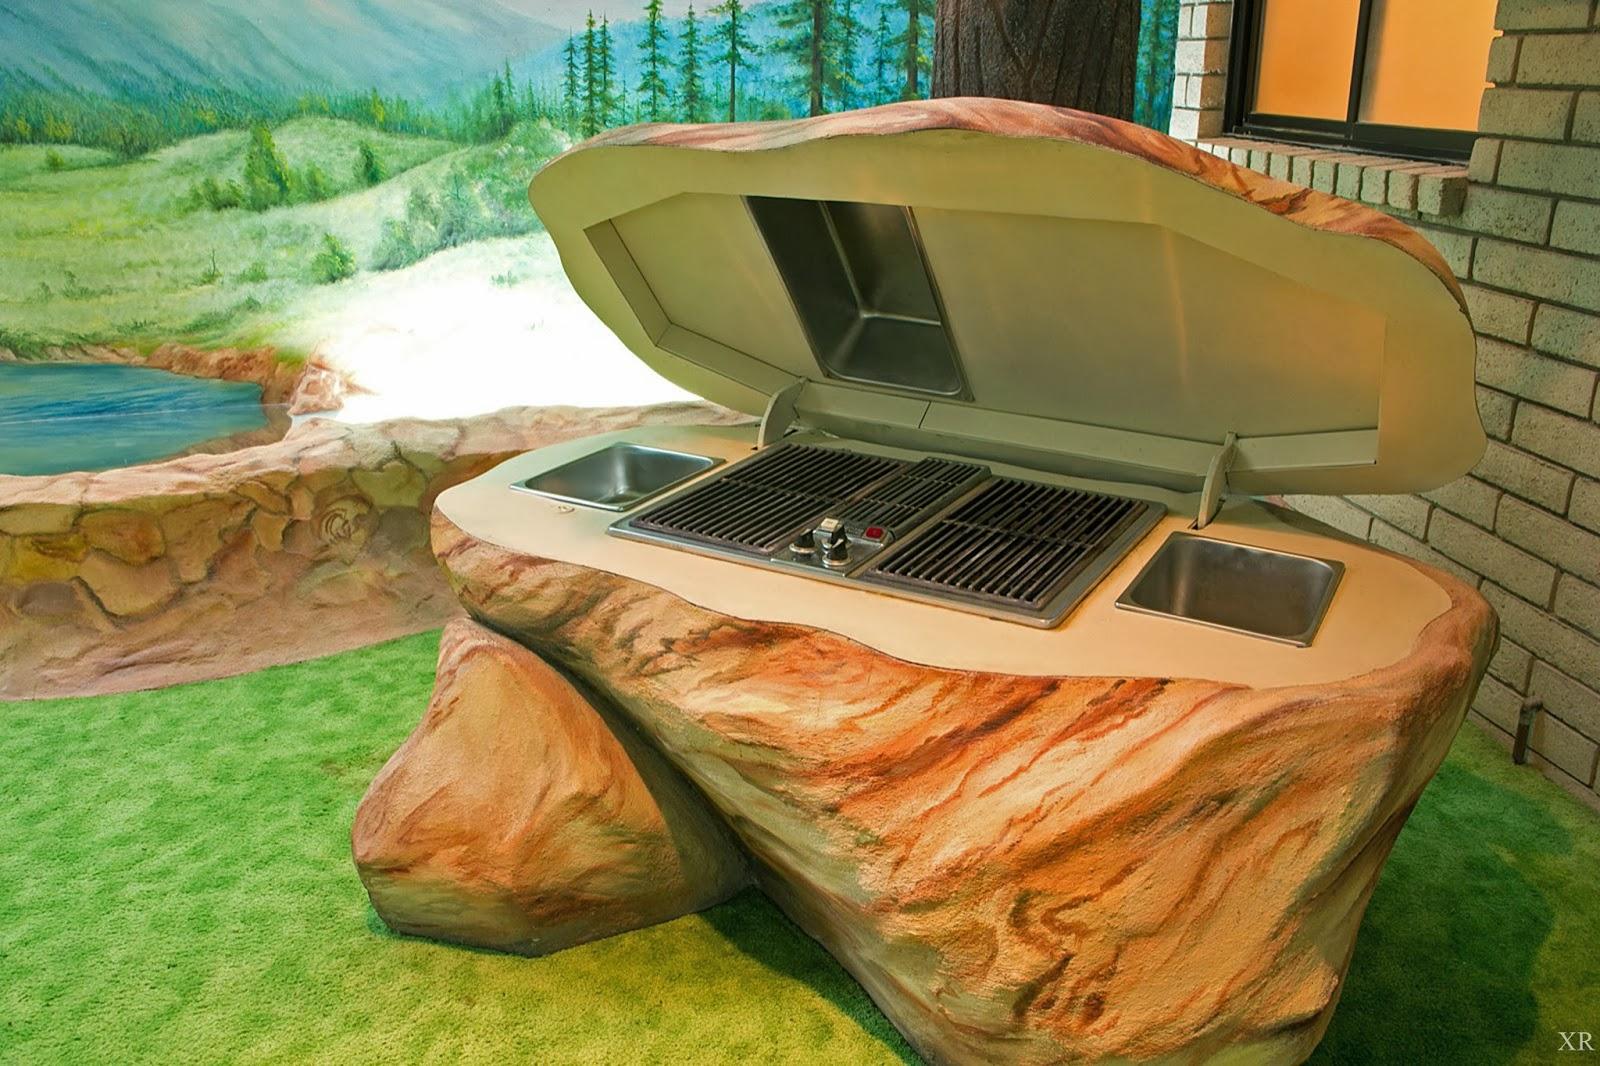 ... : Luxury Underground Homes , Luxury Underground Bunkers For Sale: galleryhip.com/luxury-underground-bunkers.html